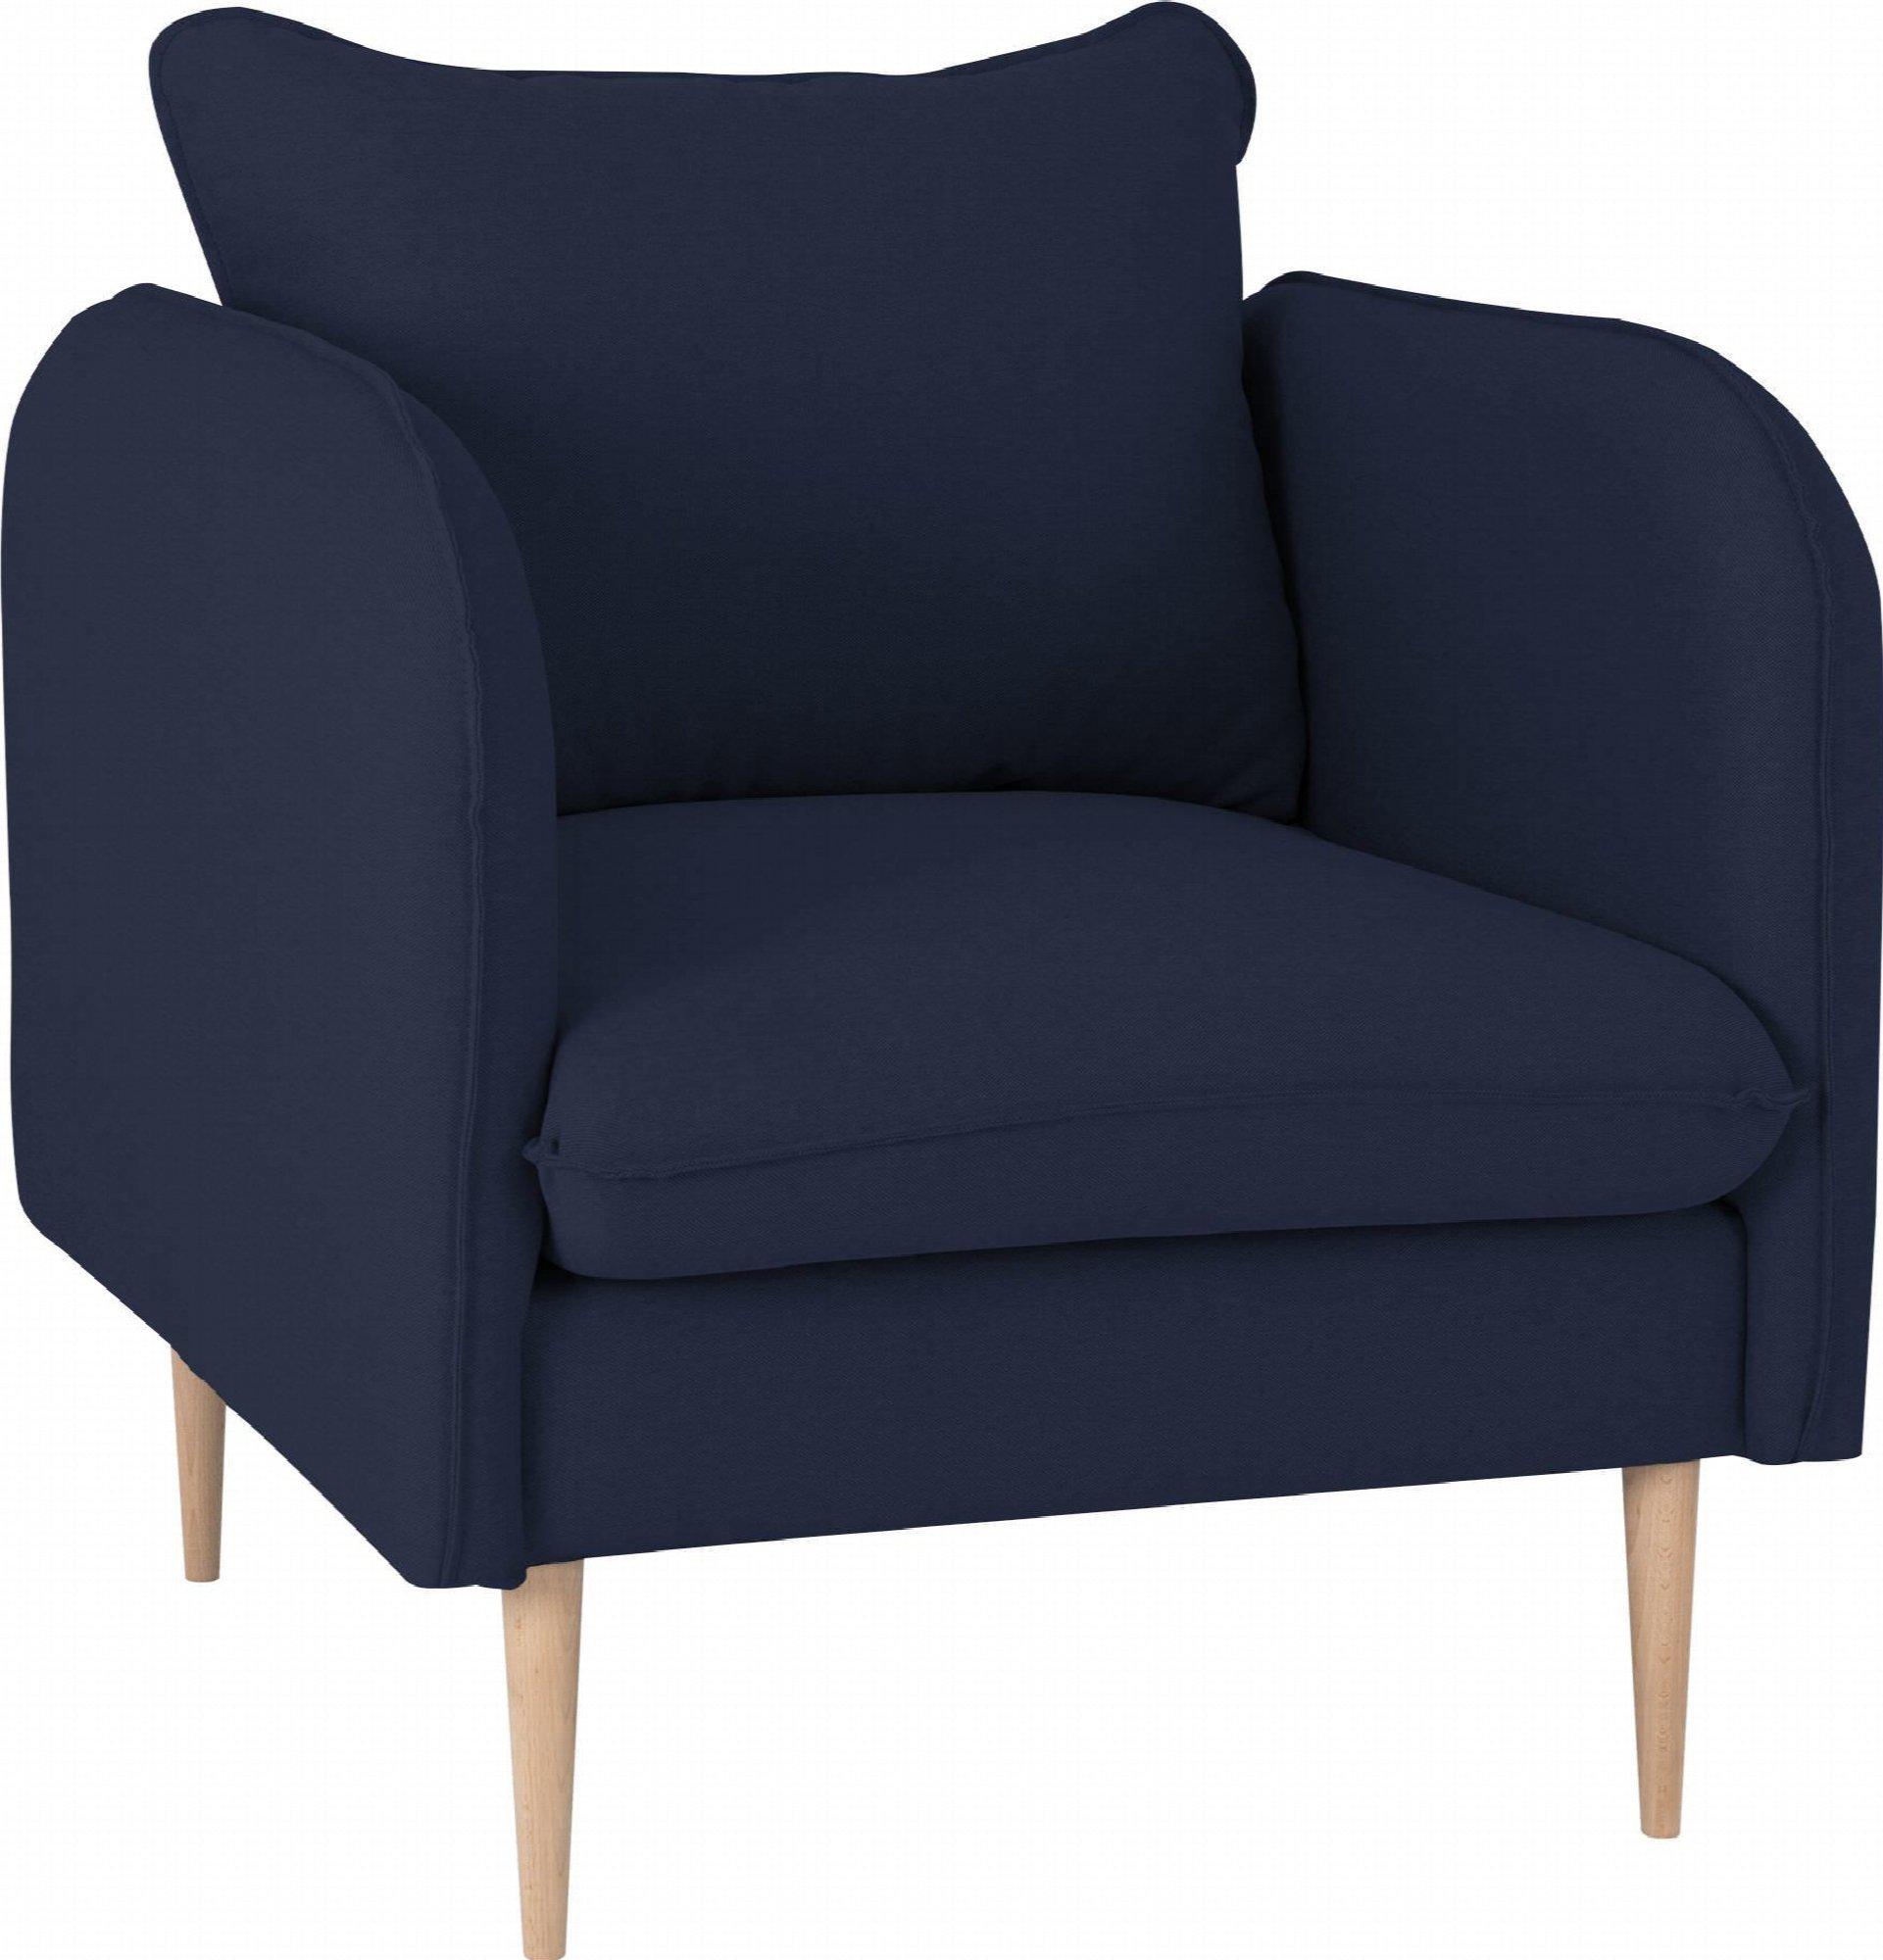 Fauteuil rembourré mousse haute résilience tissu bleu